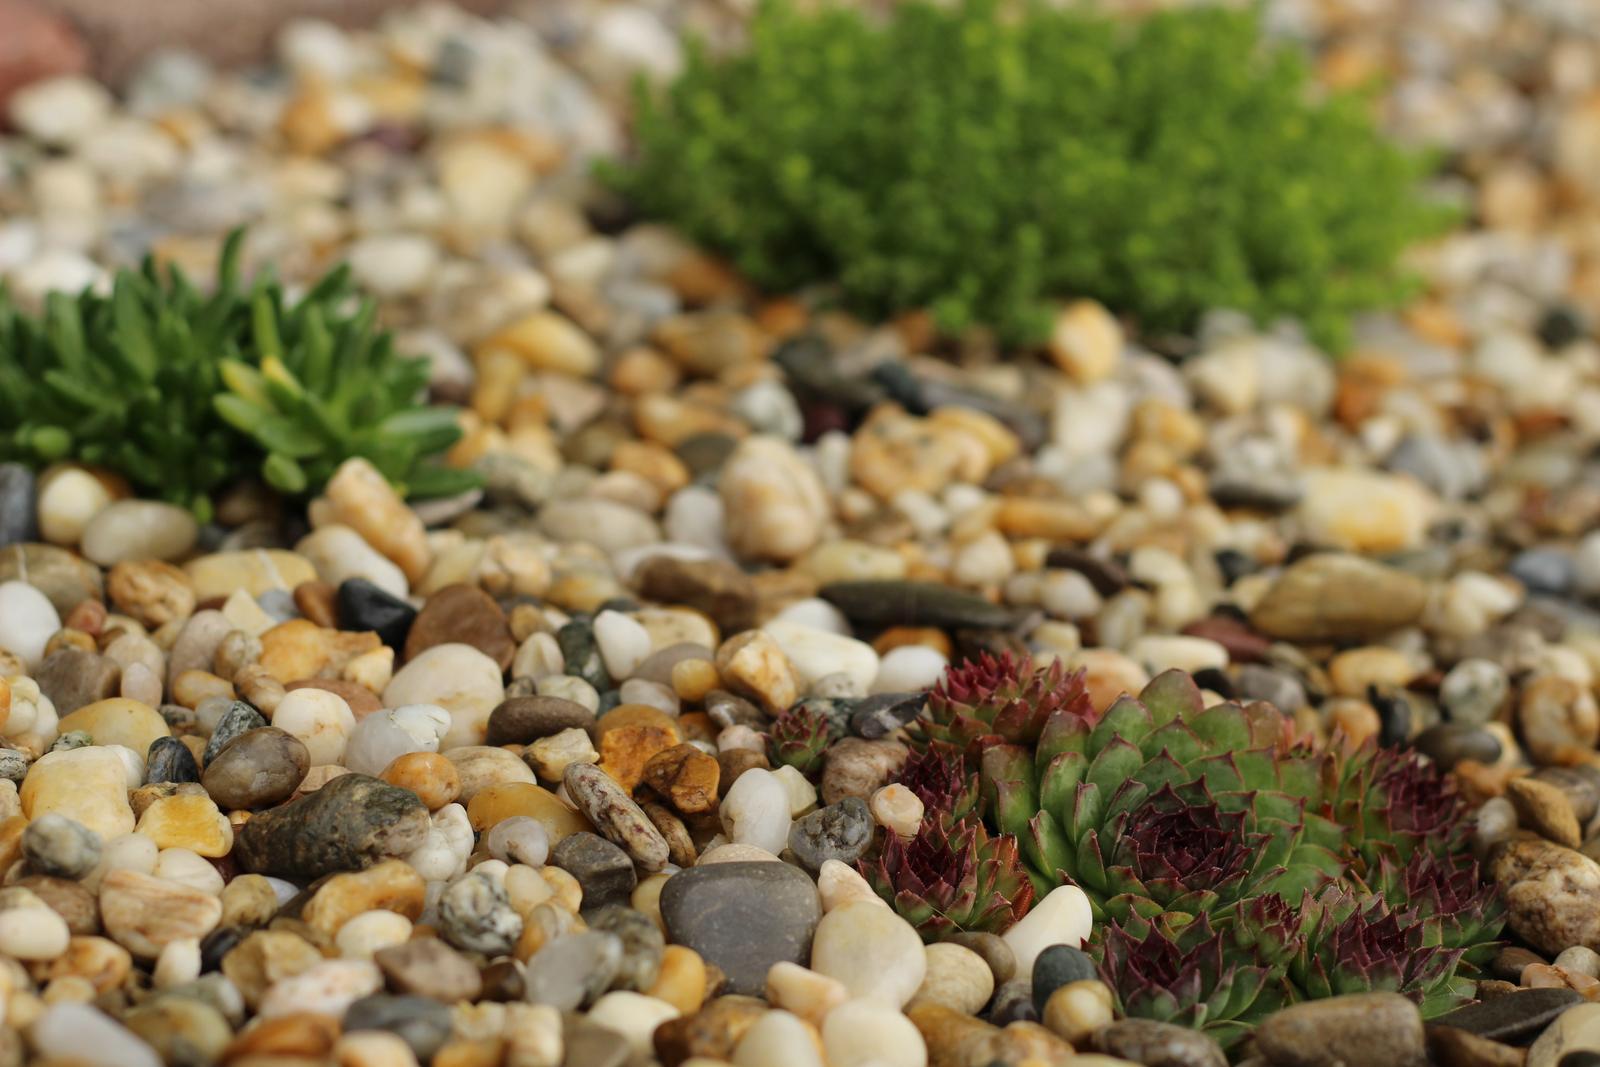 Exteriér - záhrada - Skalka sa rozrastá